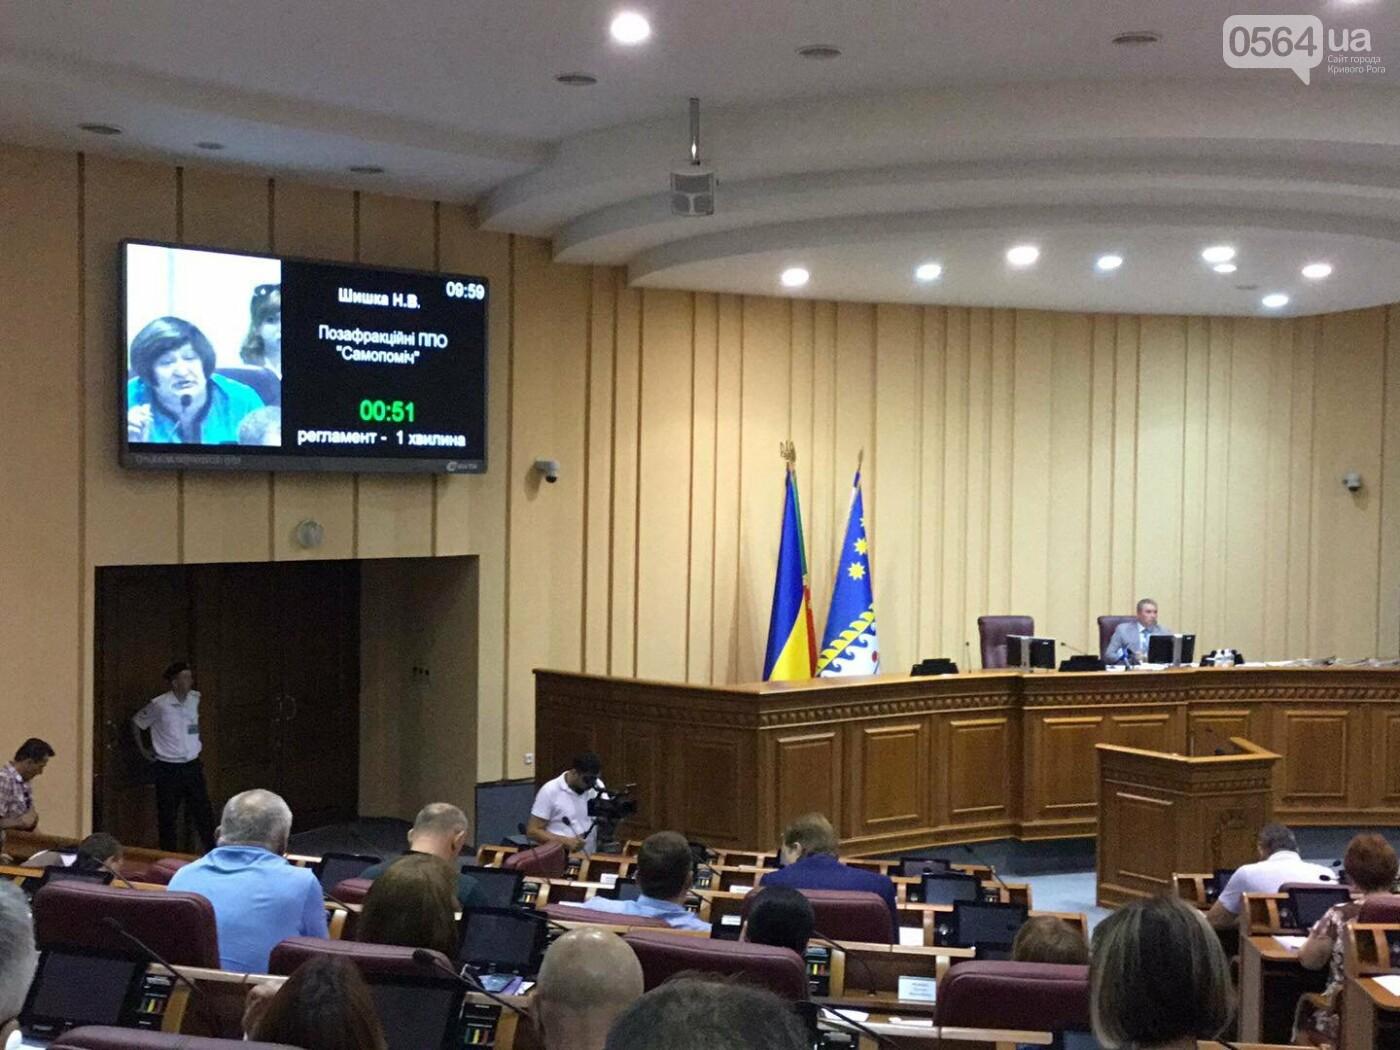 """В Кривом Роге утвердили """"братание"""" с Жодино, несмотря на то, что туда опасно ехать защитникам Украины, - ФОТО, фото-6"""